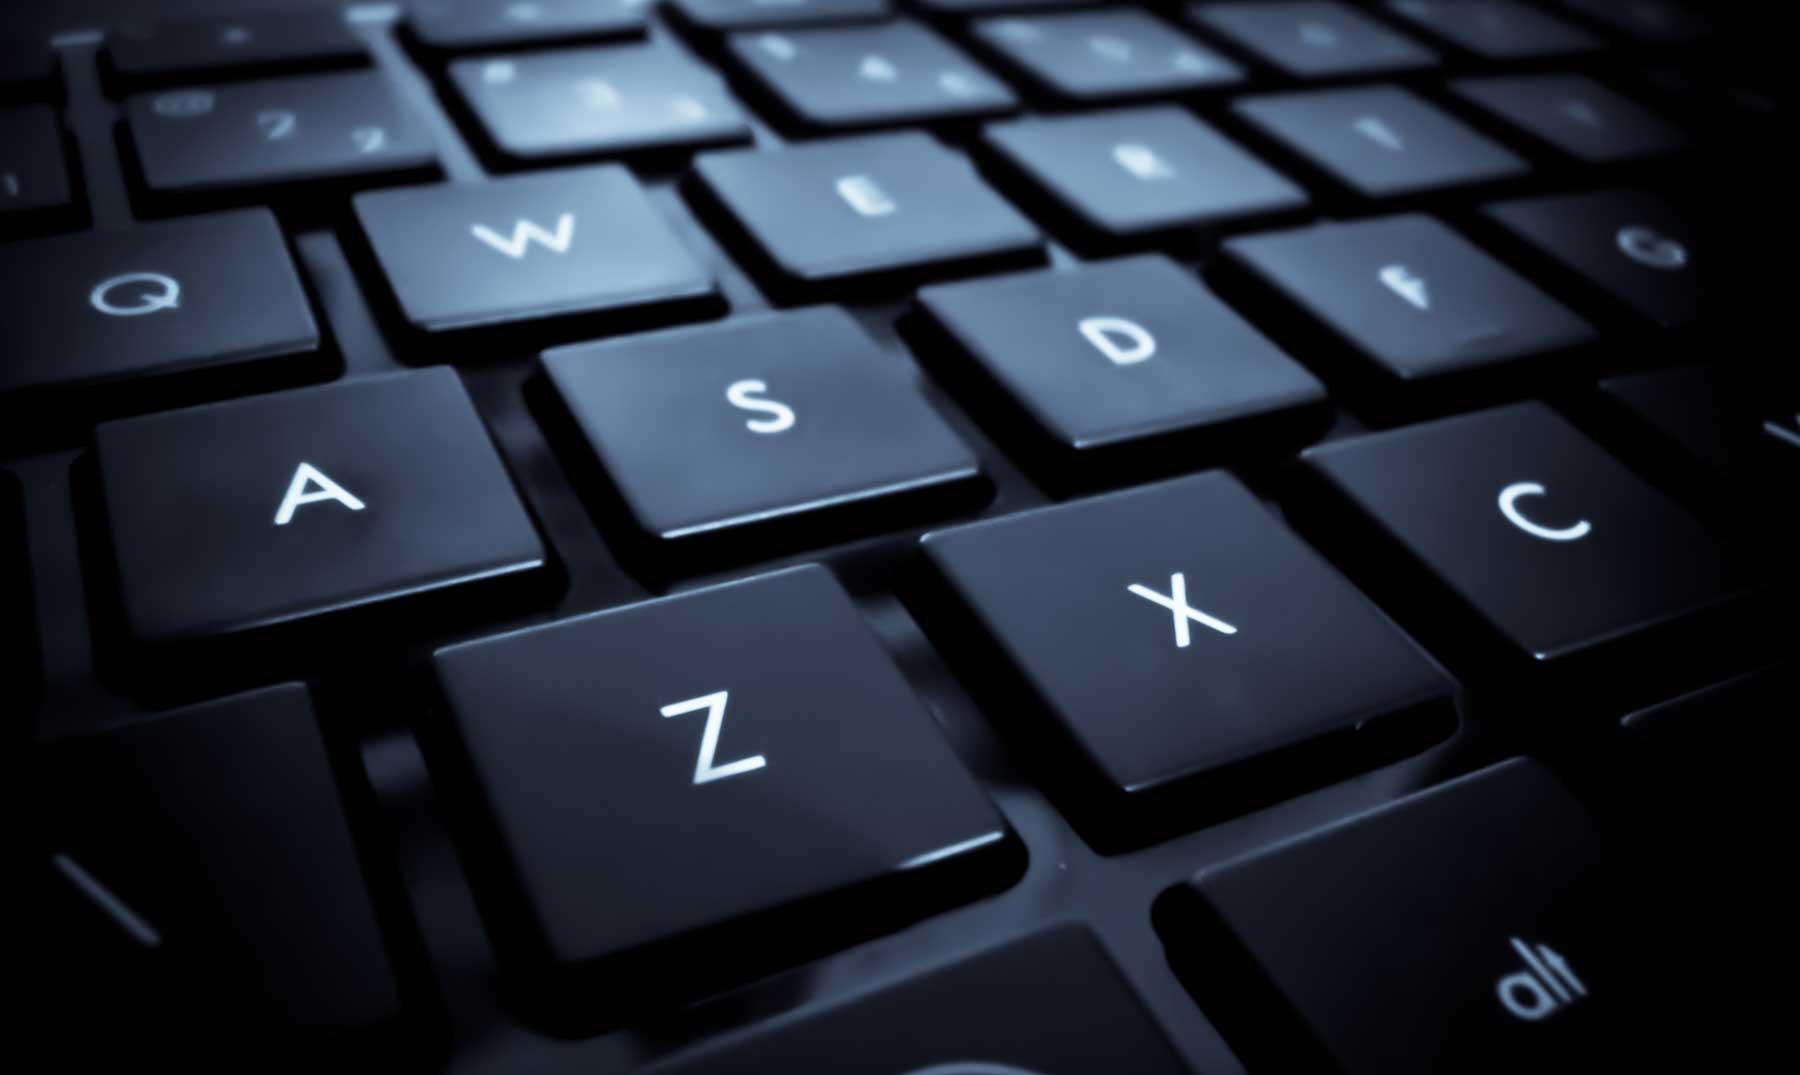 ¿Por qué los teclados QWERTY no están en orden alfabético?